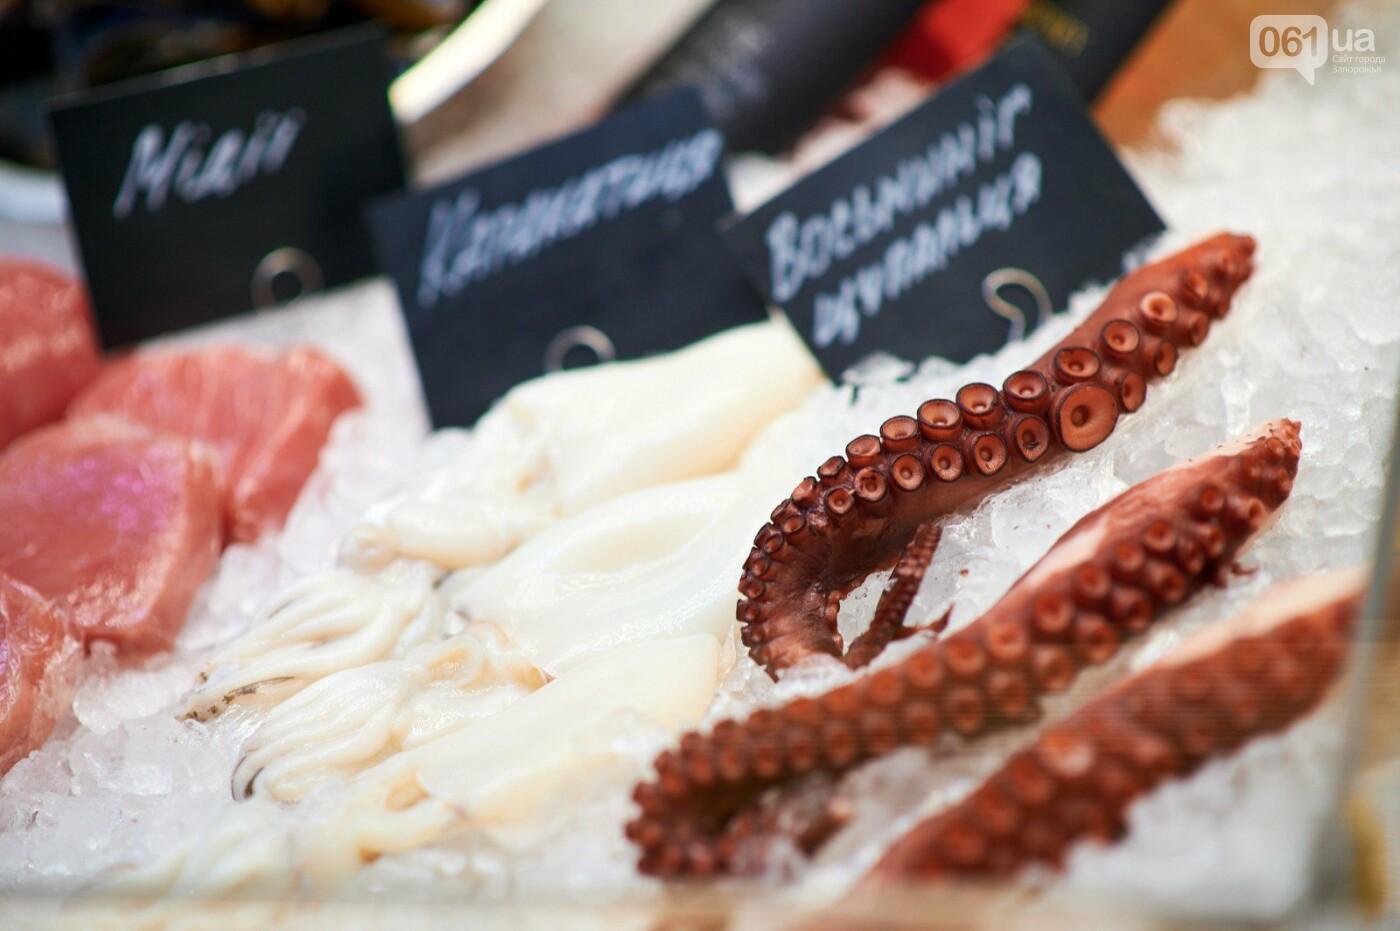 Морские деликатесы по доступной цене!, фото-7